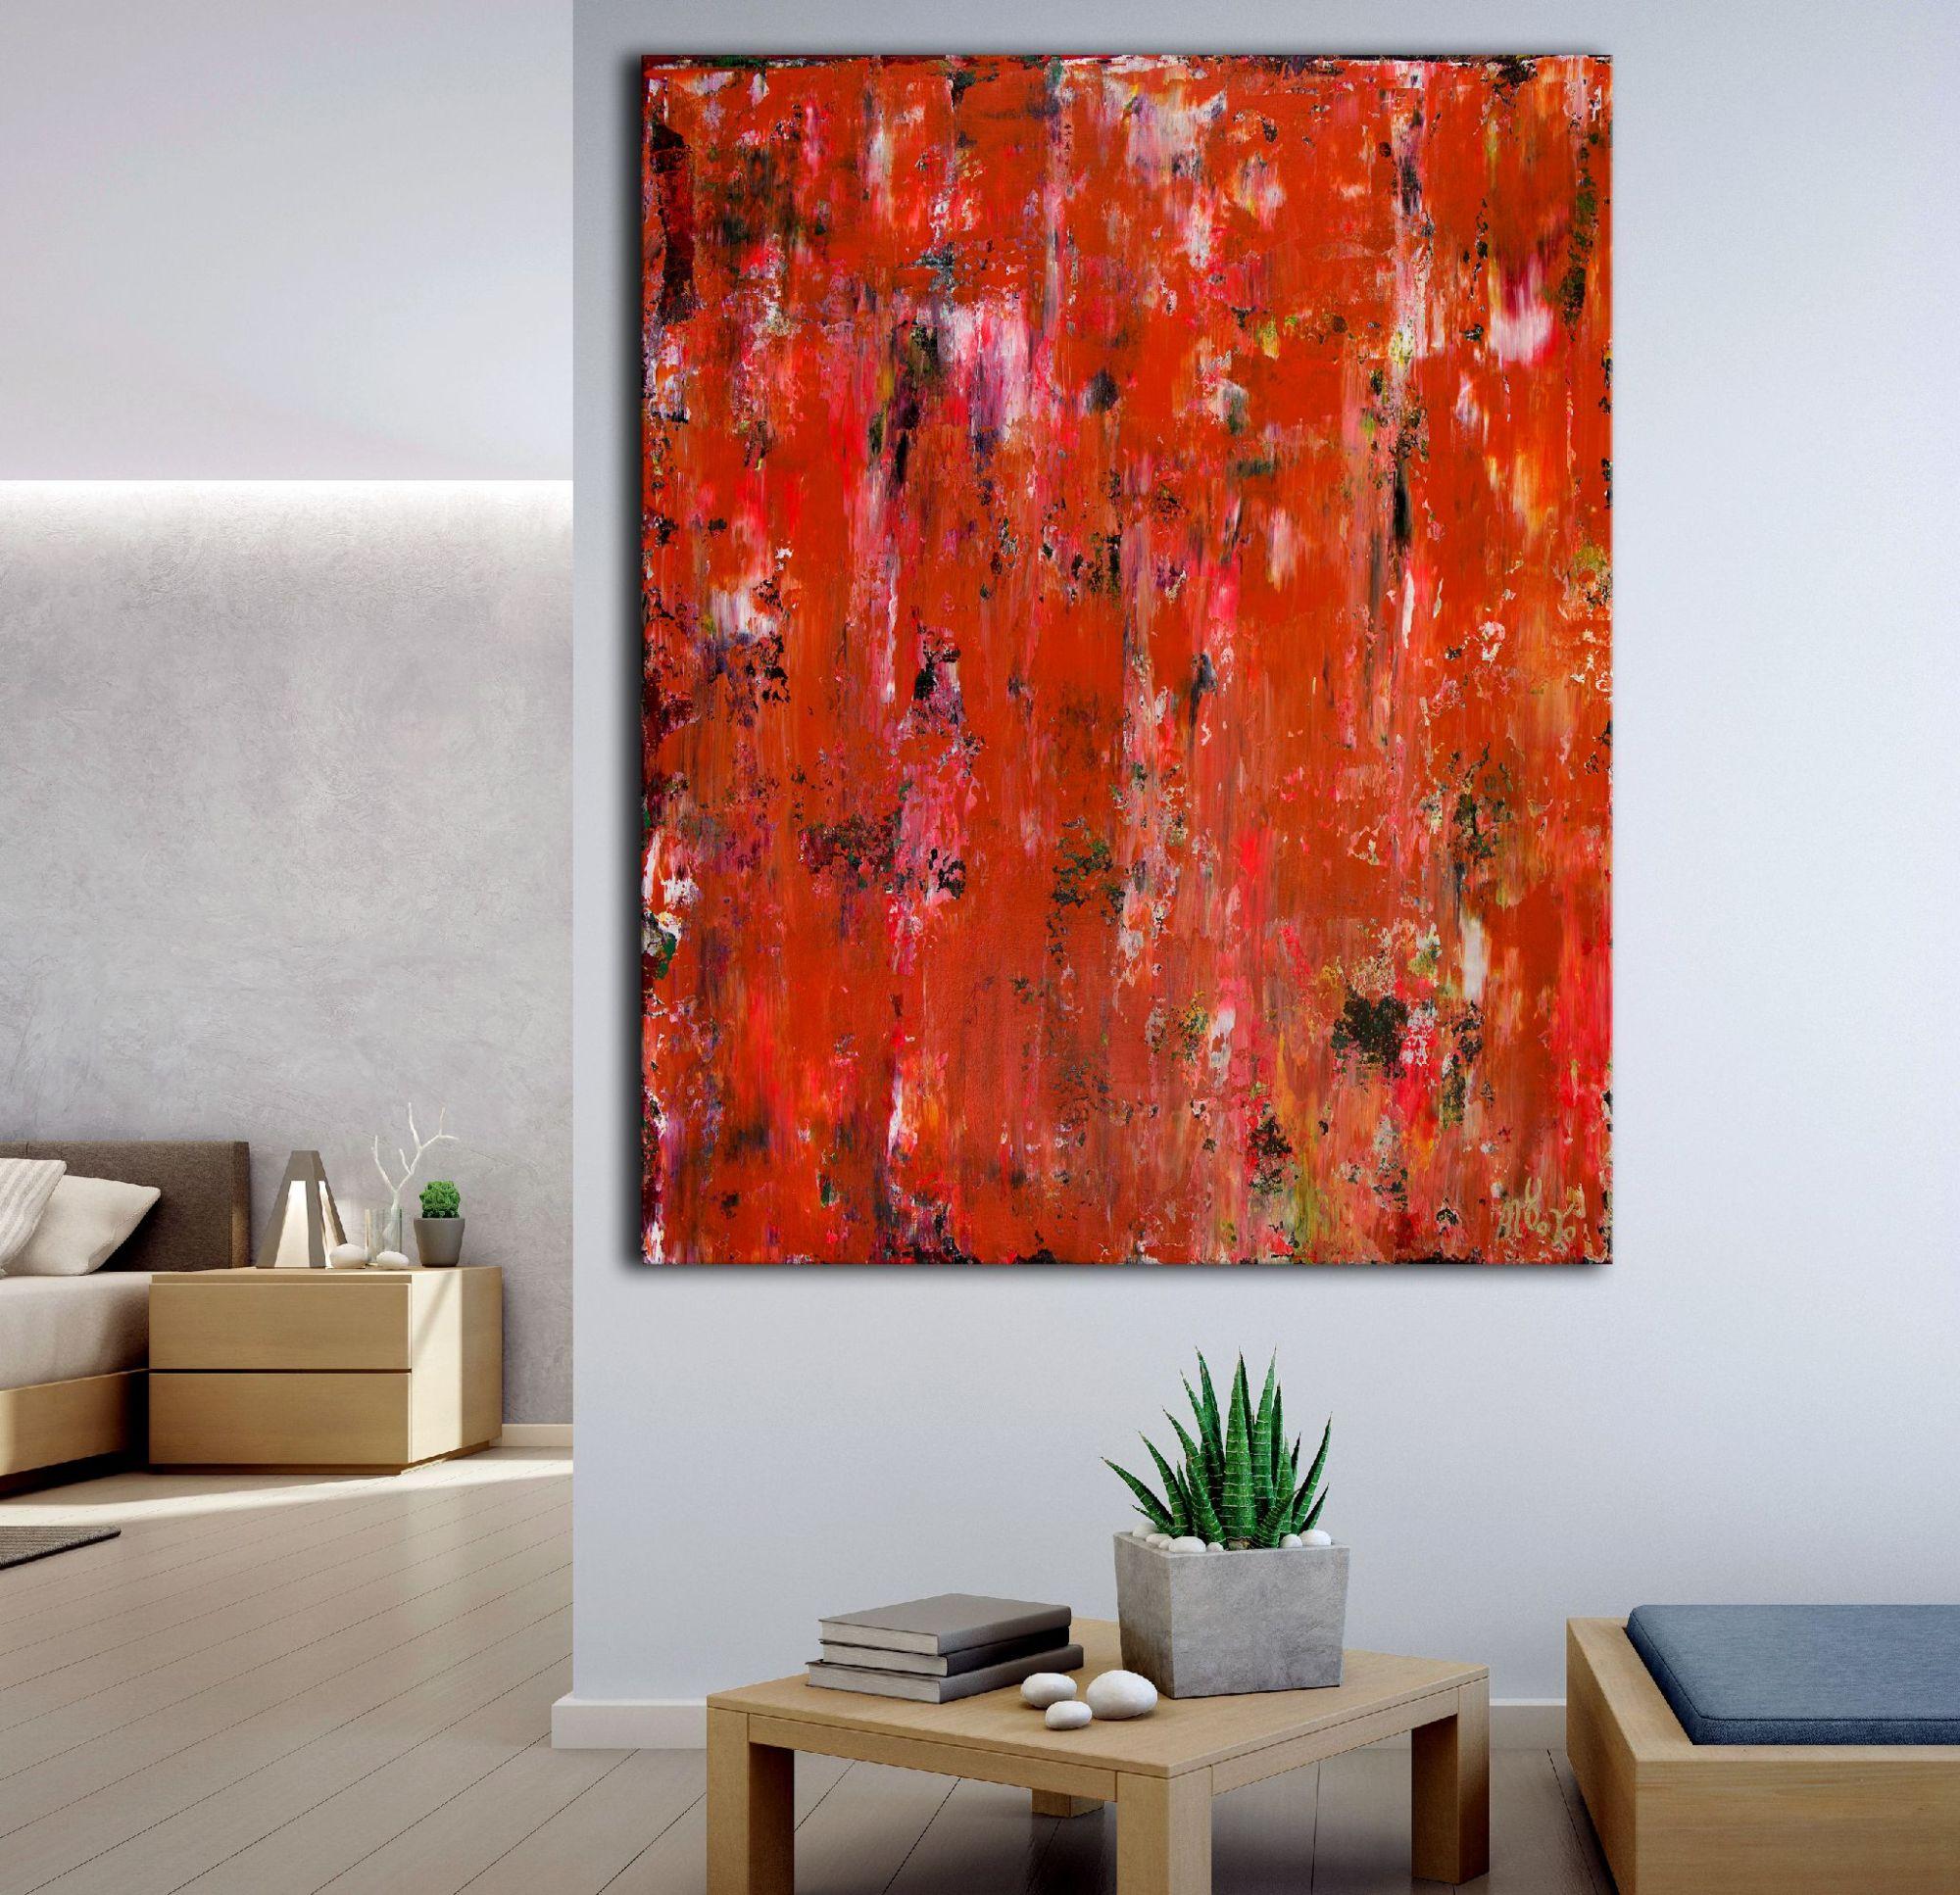 Terrain In Orange and Rust (2020) by Nestor Toro / Los Angeles